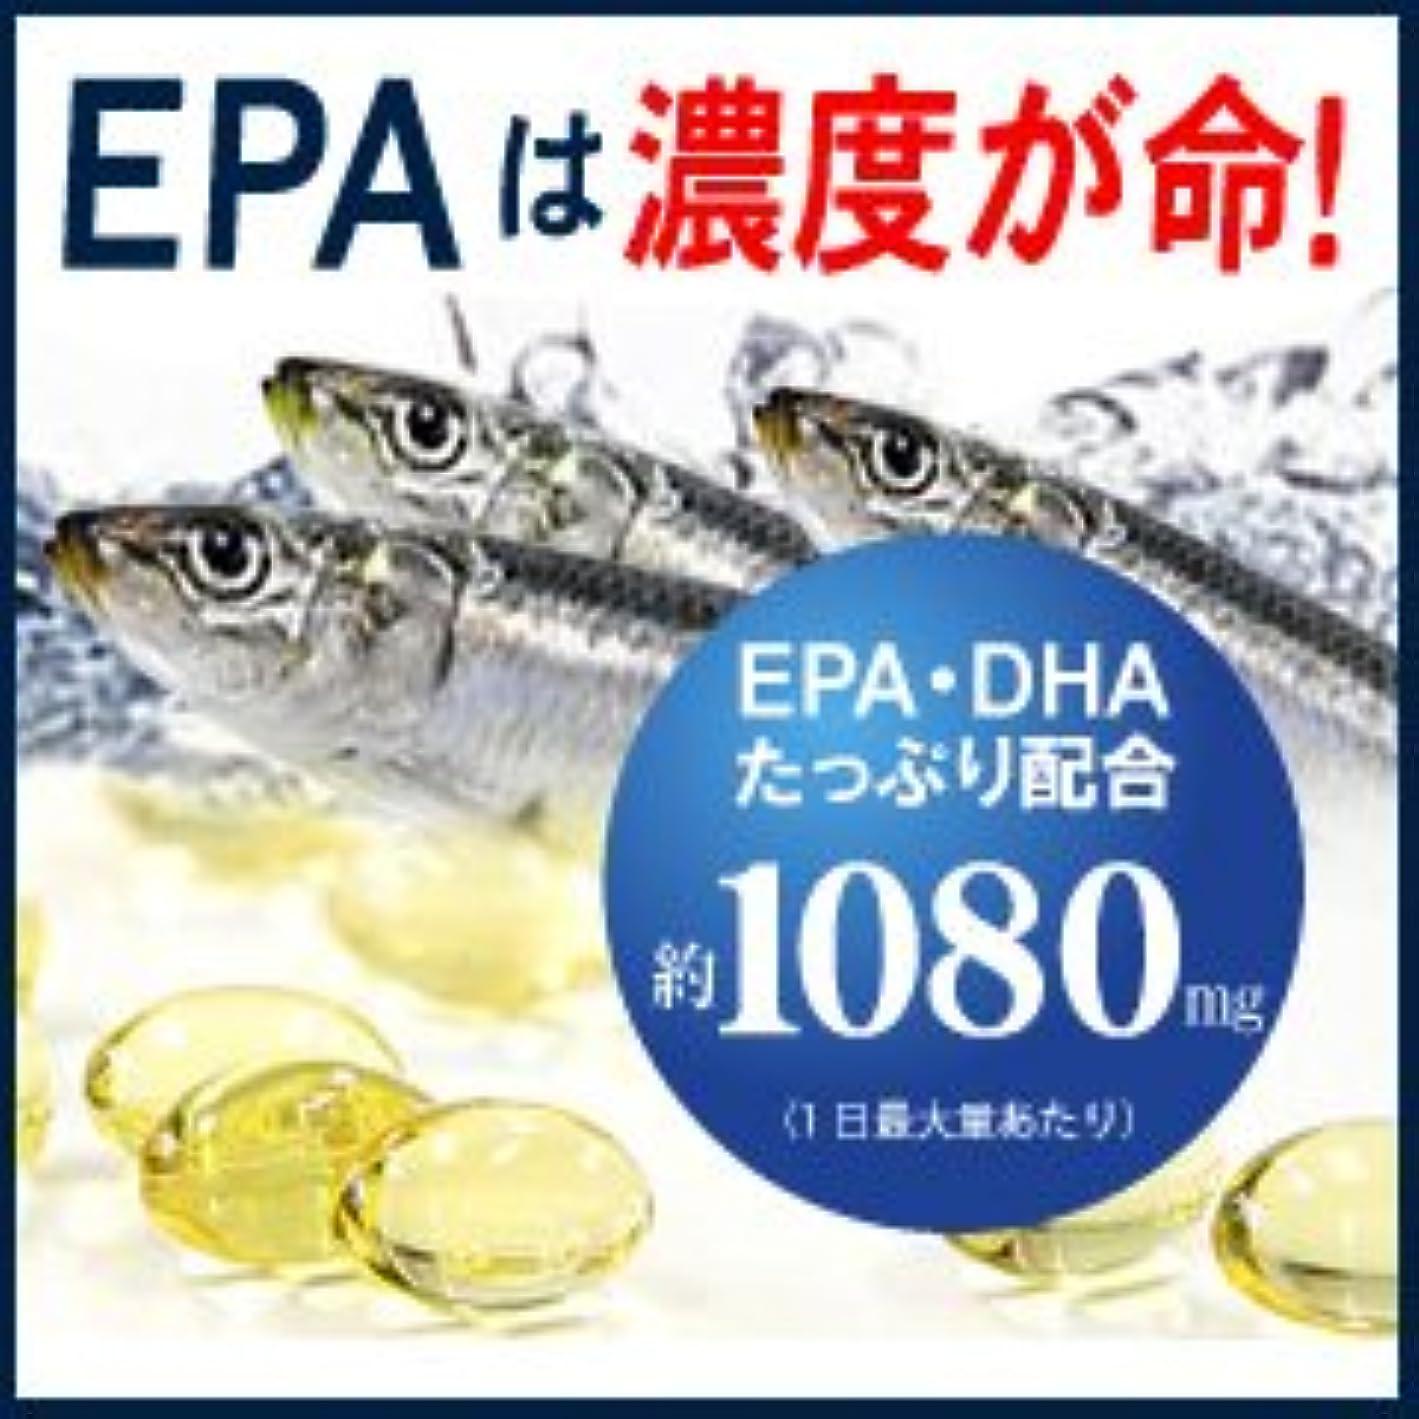 垂直メンタリティ撃退する高濃度EPAサプリの決定版 アレルリボーテ 180錠 オメガ3系不飽和脂肪酸 EPA/DHA高含有